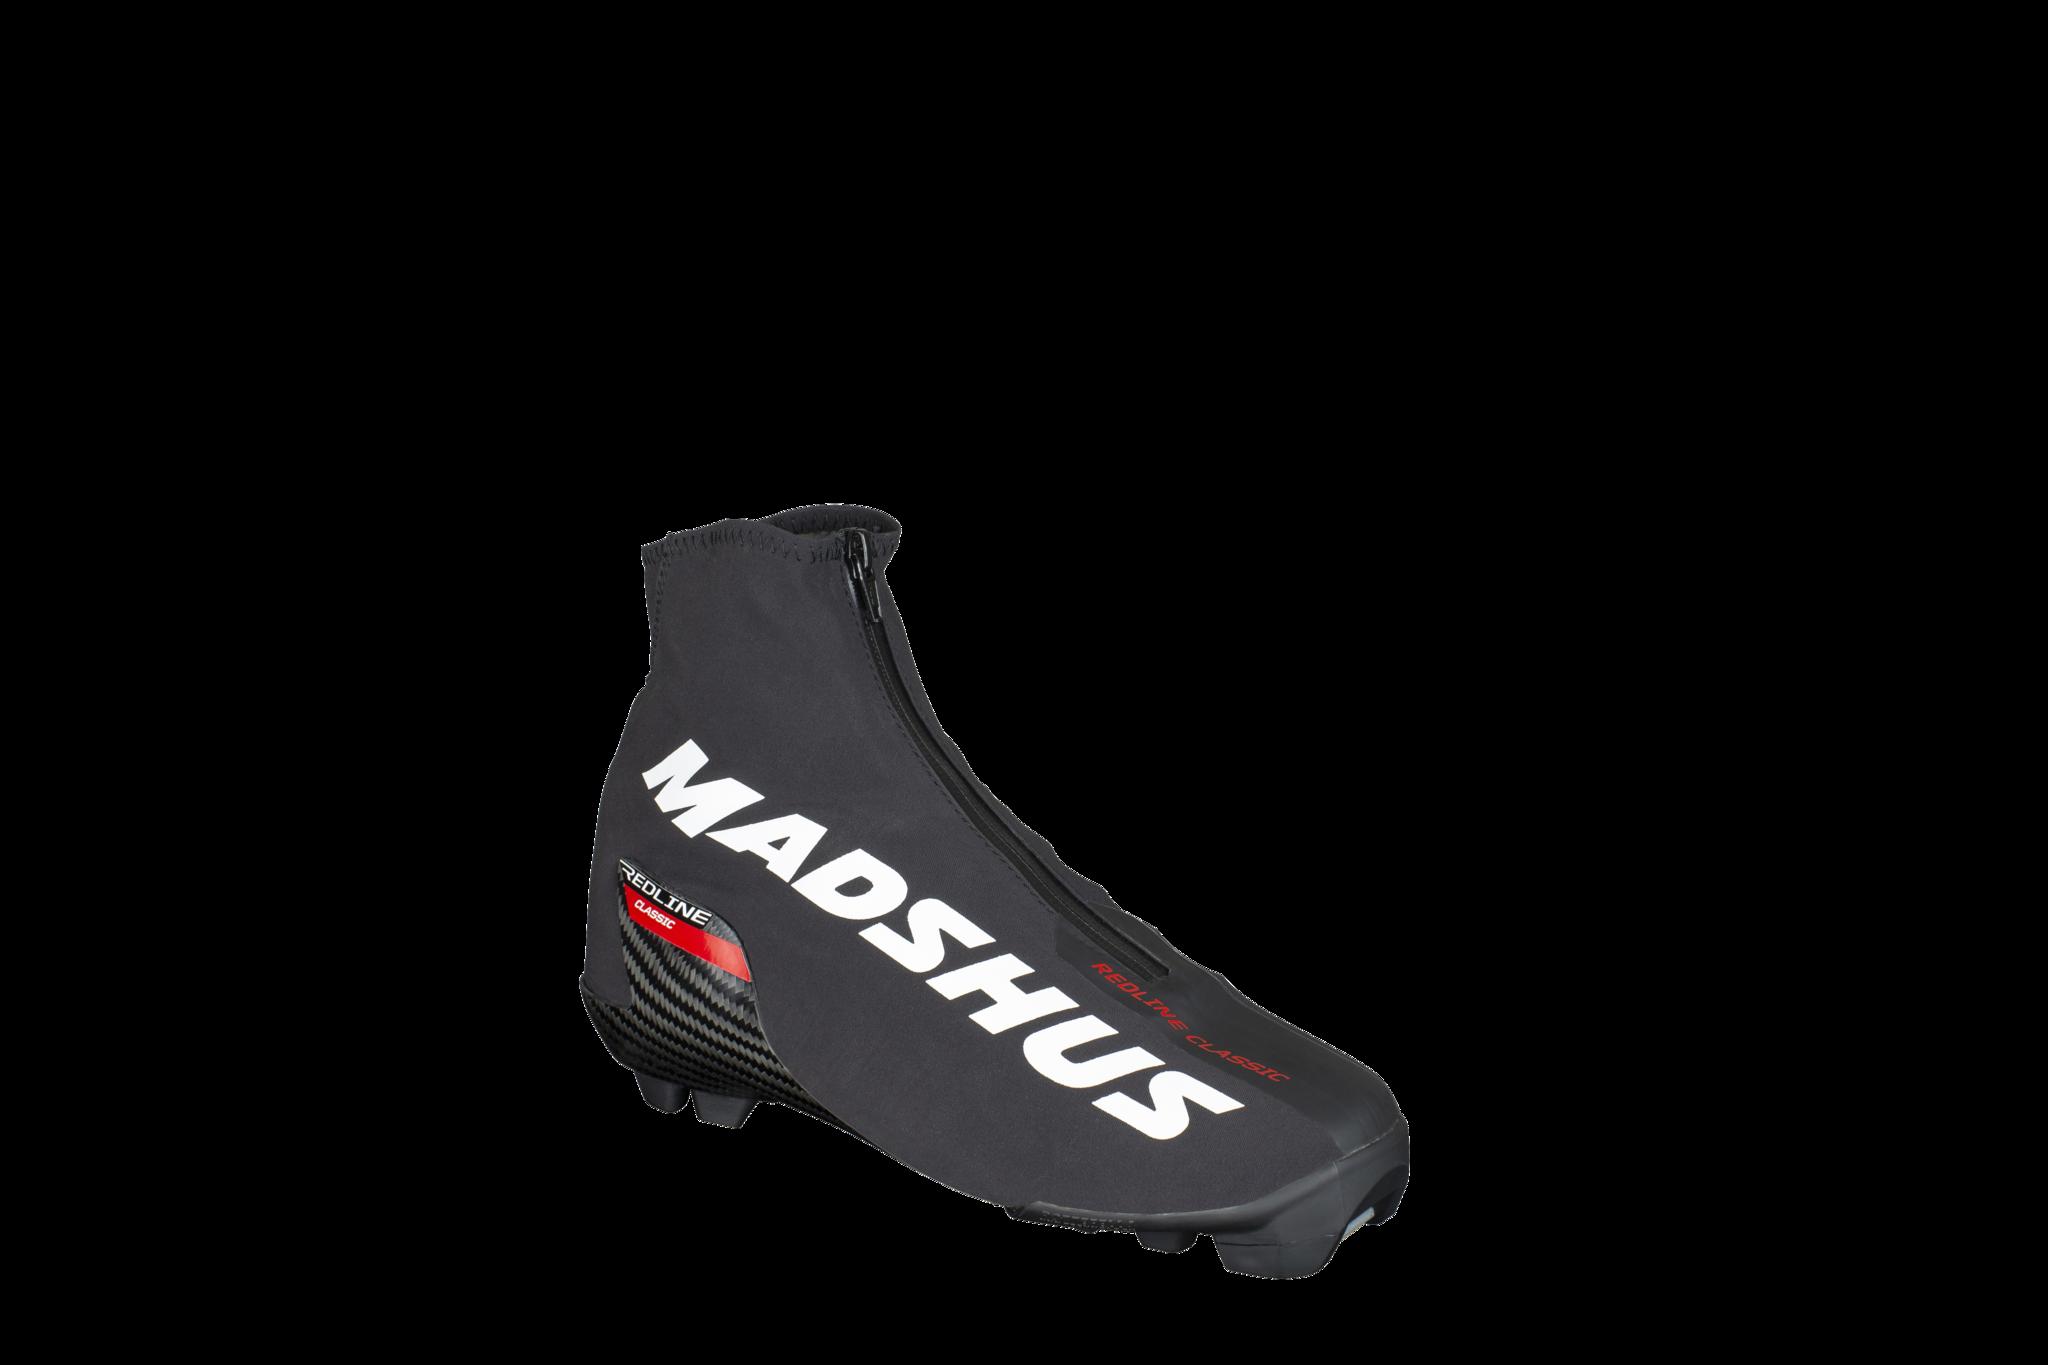 Ботинки лыжные  Madshus Redline Classic 2020